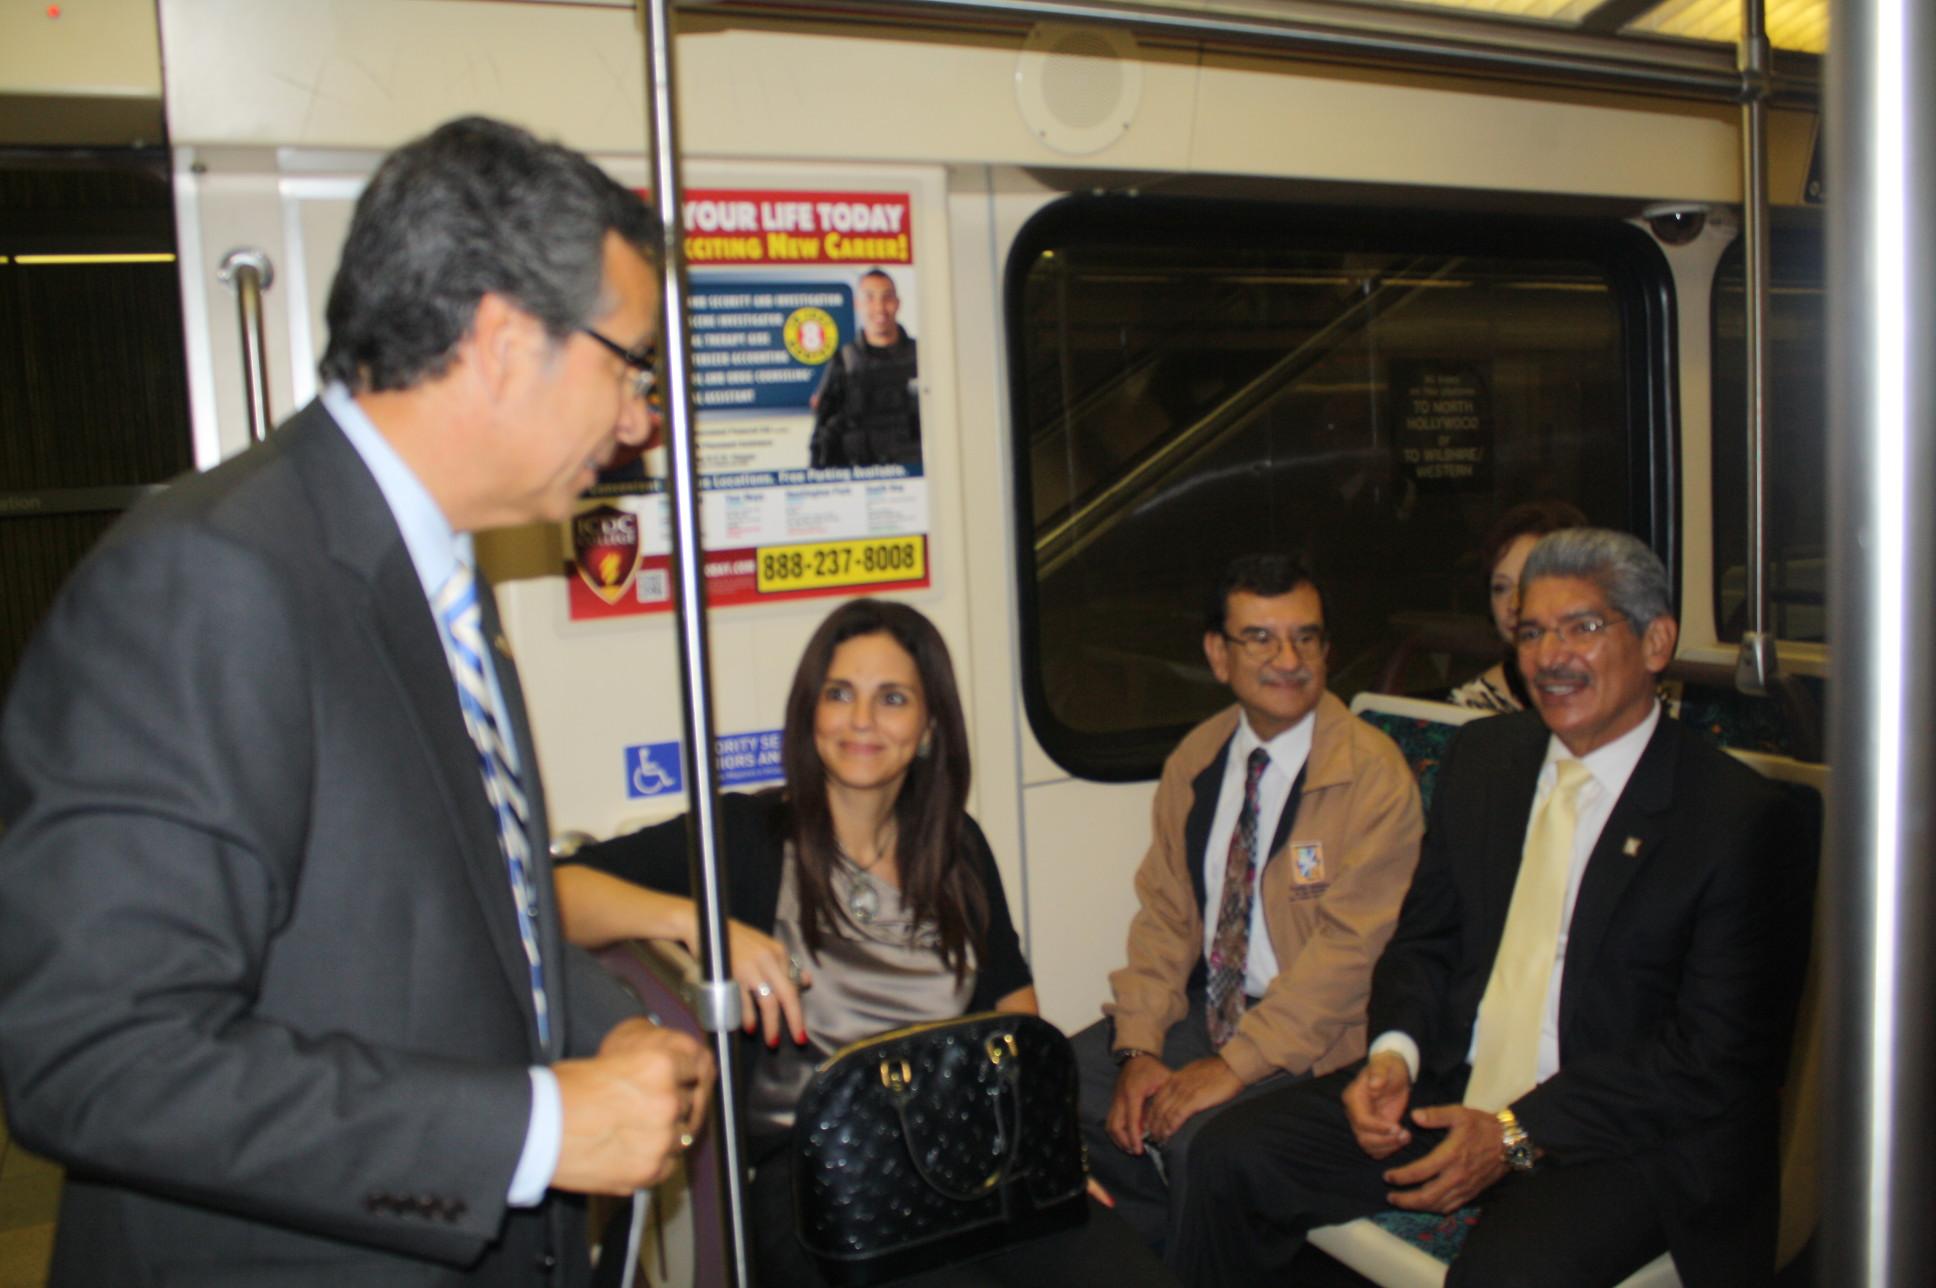 Roberto Calix platica con el alcalde Dr. Norman Quijano, quien va acompañado de su esposa Ana Dacarett y otro funcionario en la Línea Roja del Metro (Foto Agustín Durán/El Pasajero).